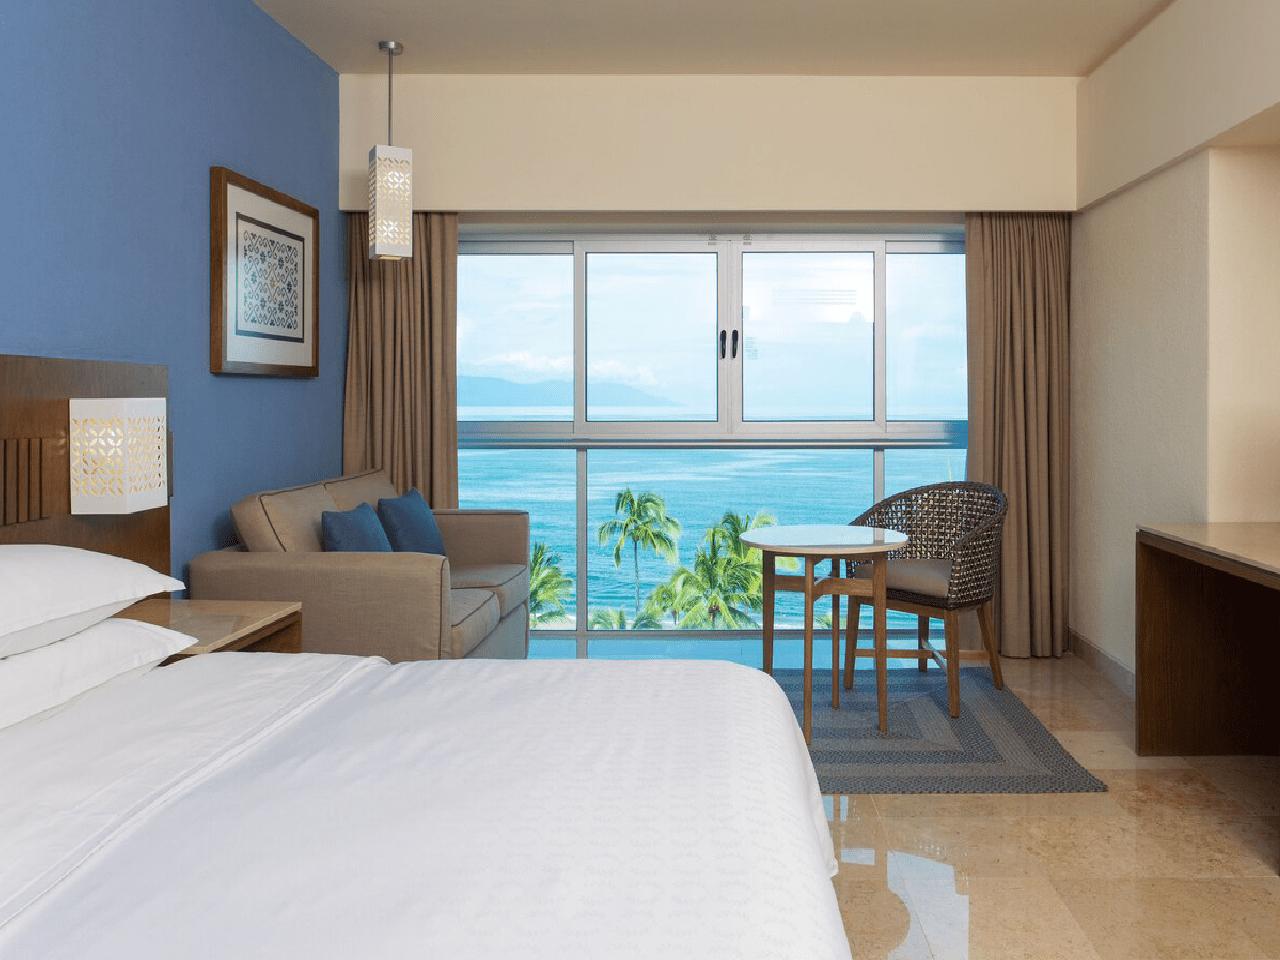 habitación - Bodas en la playa - habitación de hotel